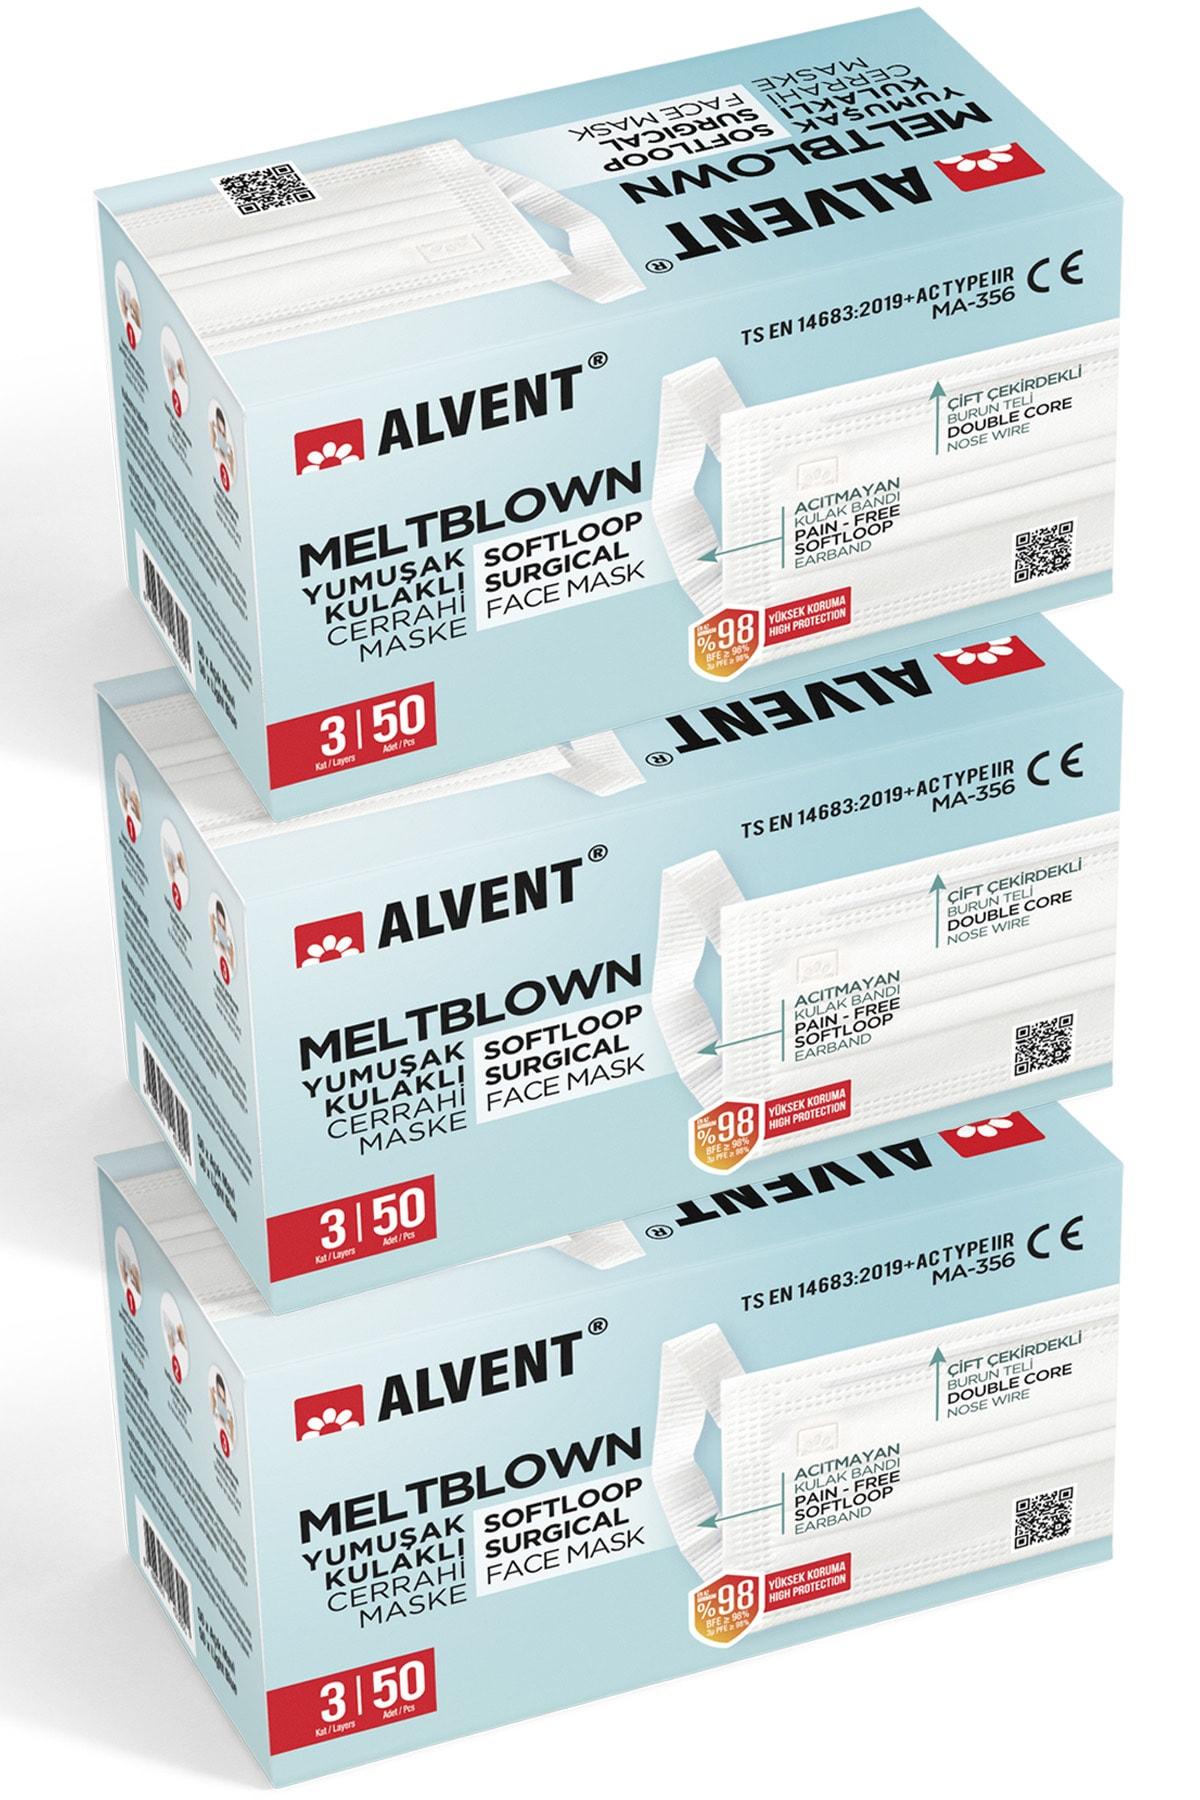 Meltblown Maske 150 Adet-yumuşak Kulaklı-(en Az %98 Koruma - Sertifikalı)-tıp2r - Beyaz